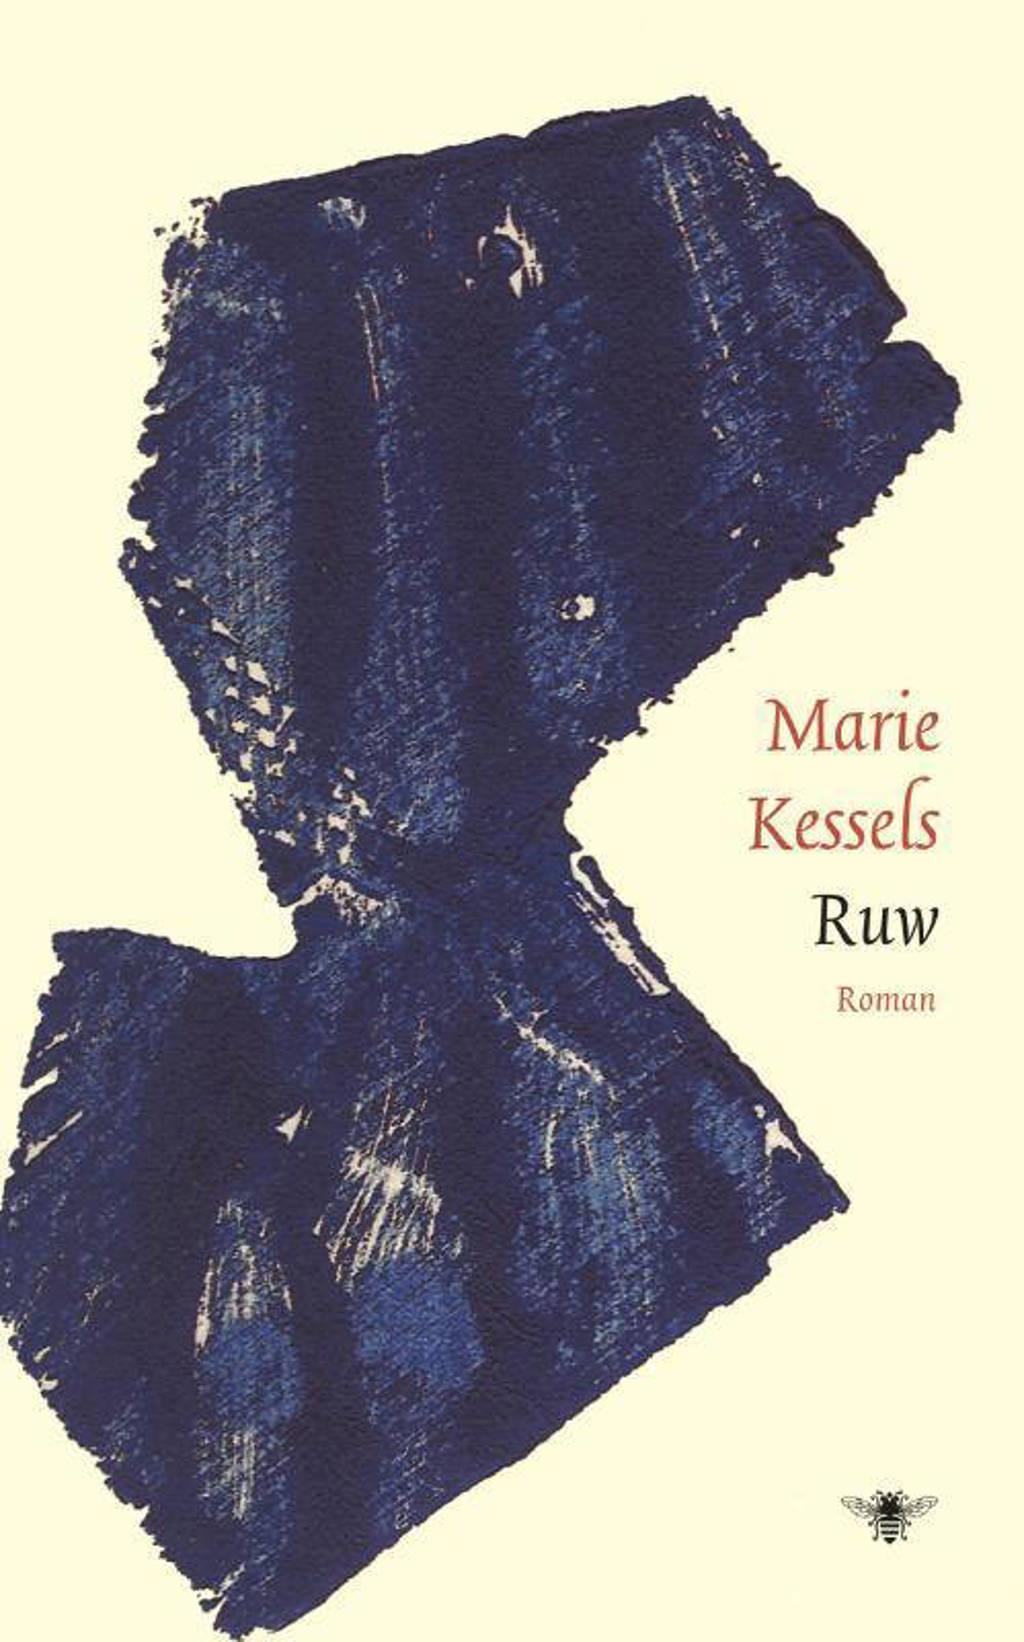 Ruw - Marie Kessels